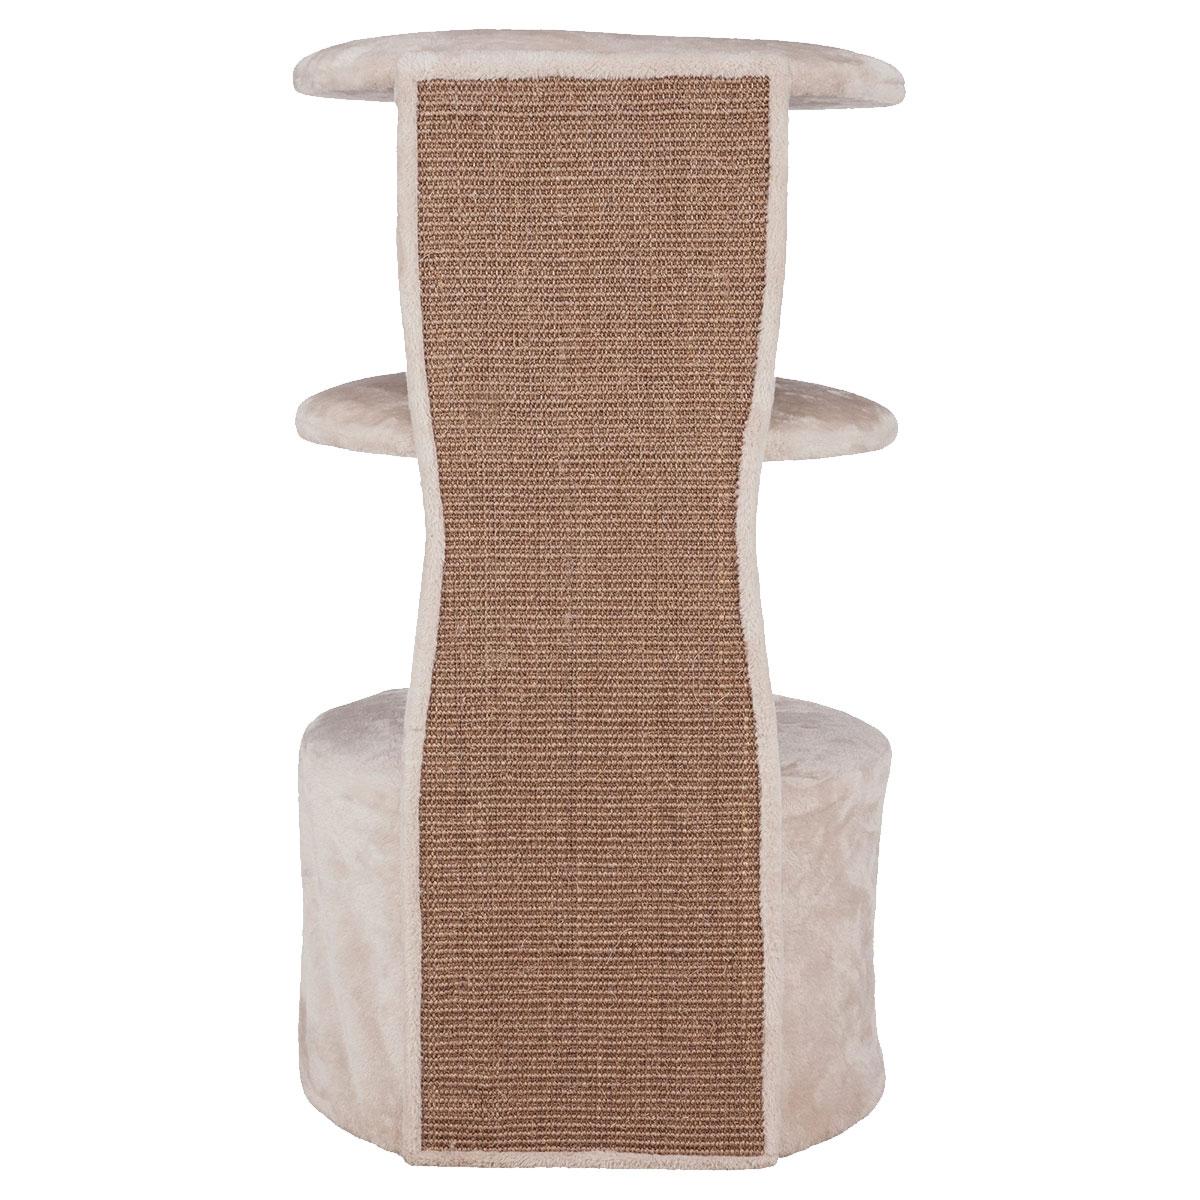 trixie kratzbaum camilla in lichtgrau g nstig kaufen bei zooroyal. Black Bedroom Furniture Sets. Home Design Ideas